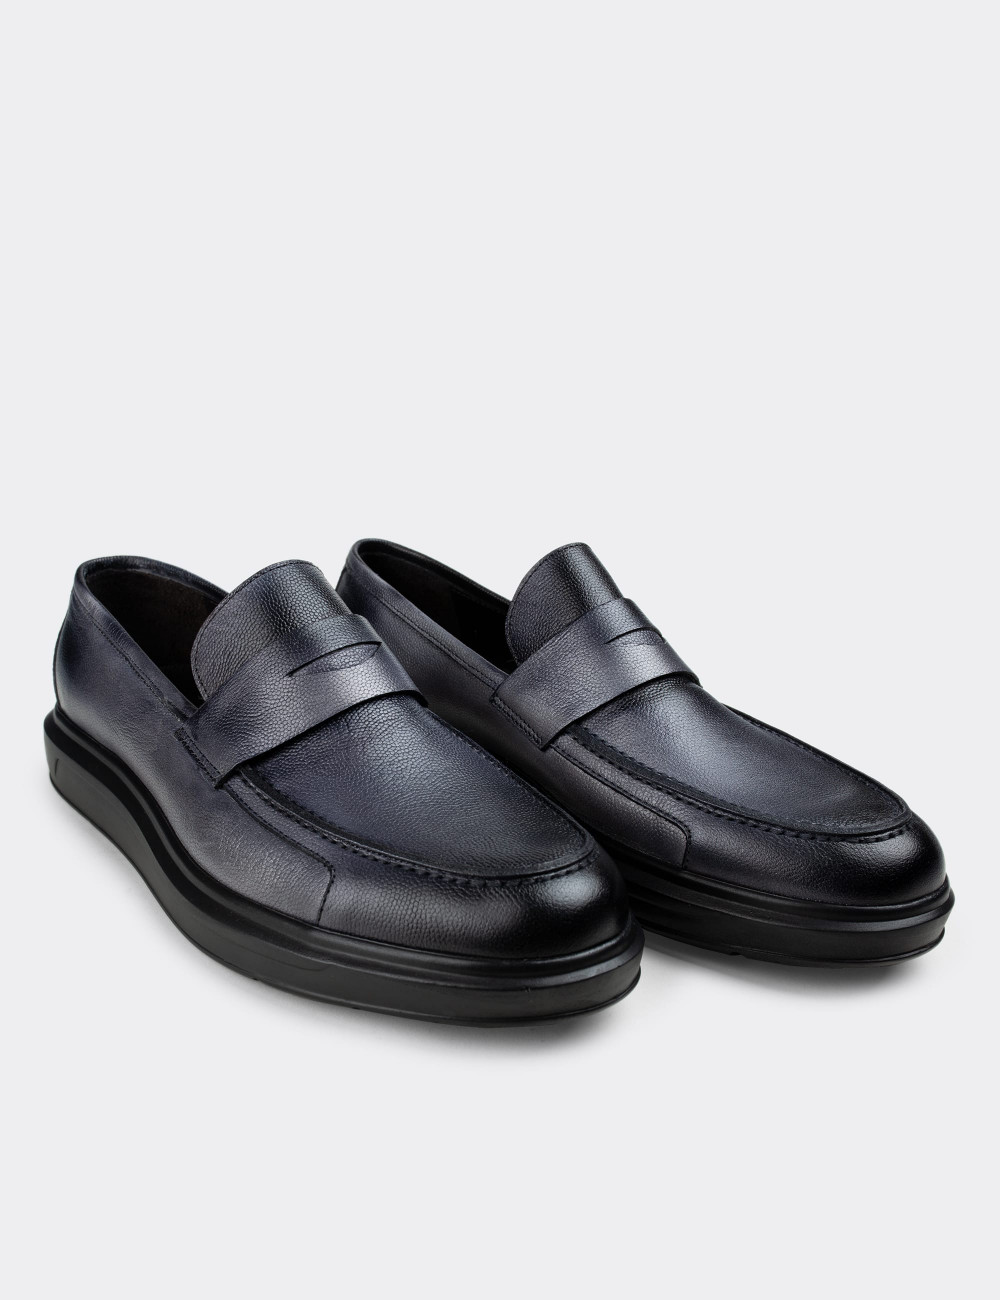 Hakiki Deri Gri Comfort Erkek Loafer - 01564MGRIP12